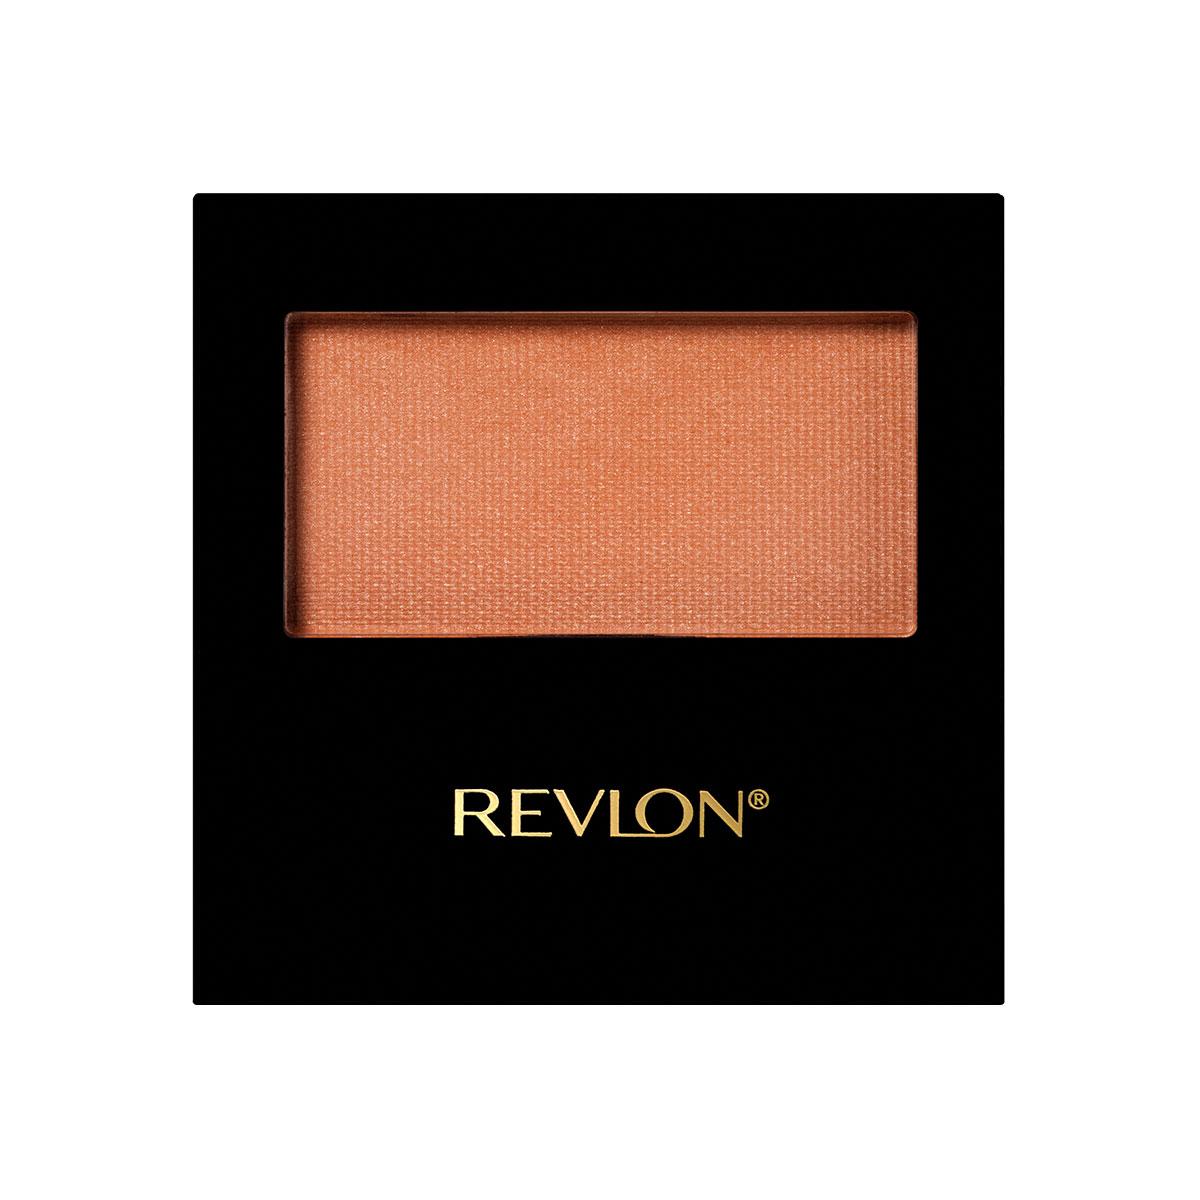 Revlon Румяна для Лица Powder Blush Naughty nude 006 45 гA8548700REVLON POWDER BLUSH - это ультрамягкие, шелковистые компактные румяна, которые улучшают цвет лица. Легкое прикосновение каждого оттенка моментально преображает ваши скулы, заставляя их играть неповторимым румянцем. Кроме этого, они обеспечат вам свежий цвет лица на протяжении всего дня.